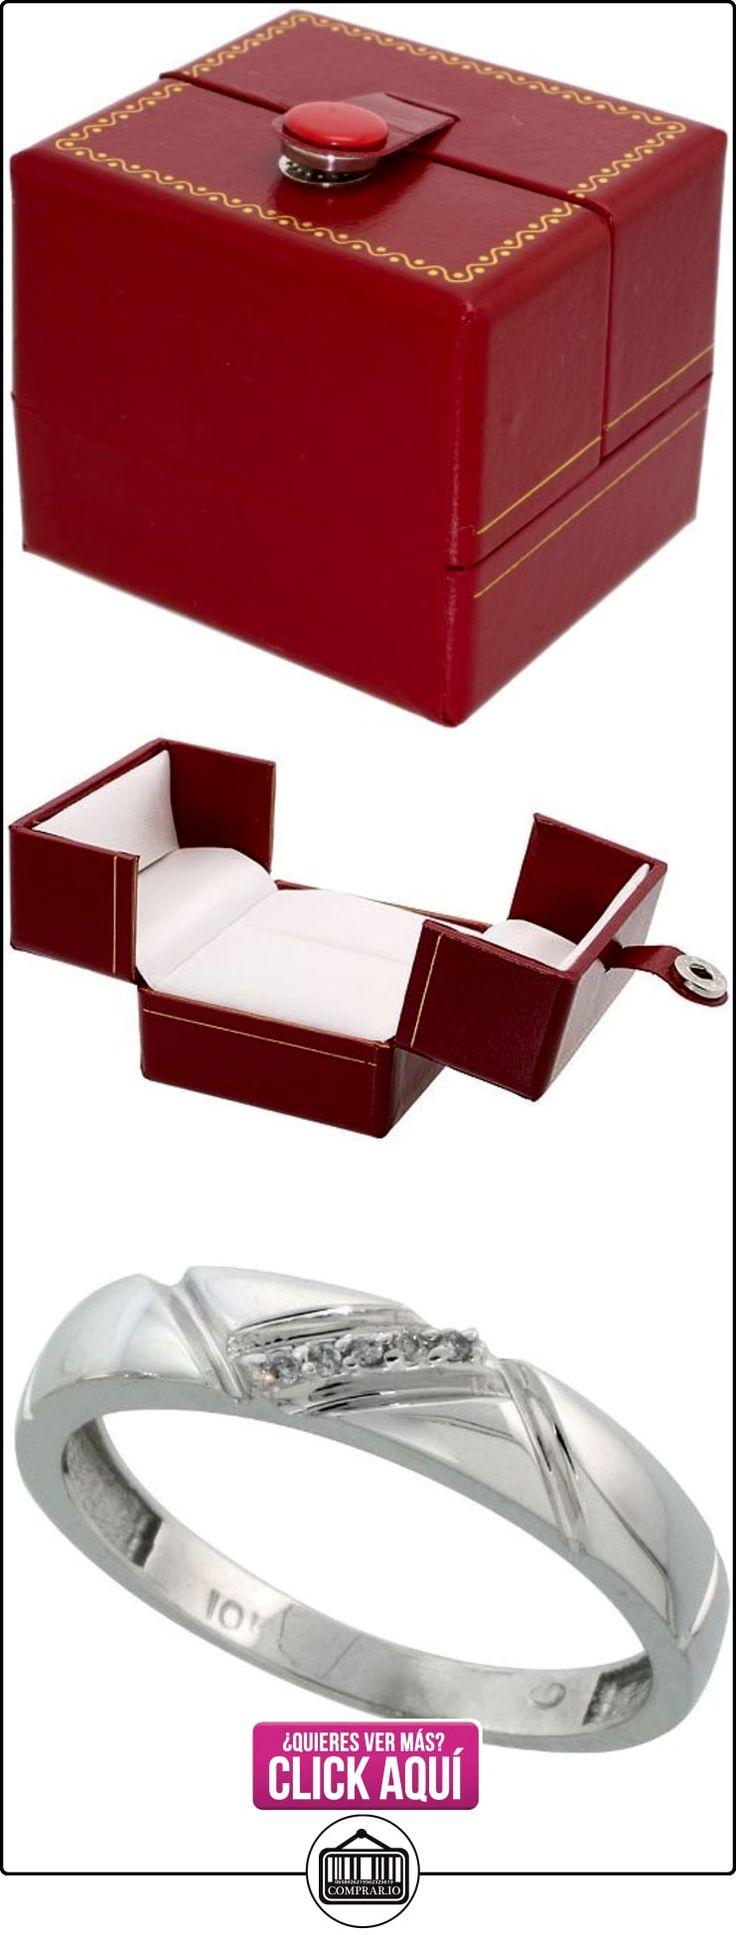 Revoni - Juego de alianzas de oro blanco  ✿ Joyas para hombres especiales - lujo ✿ ▬► Ver oferta: http://comprar.io/goto/B005M3G388